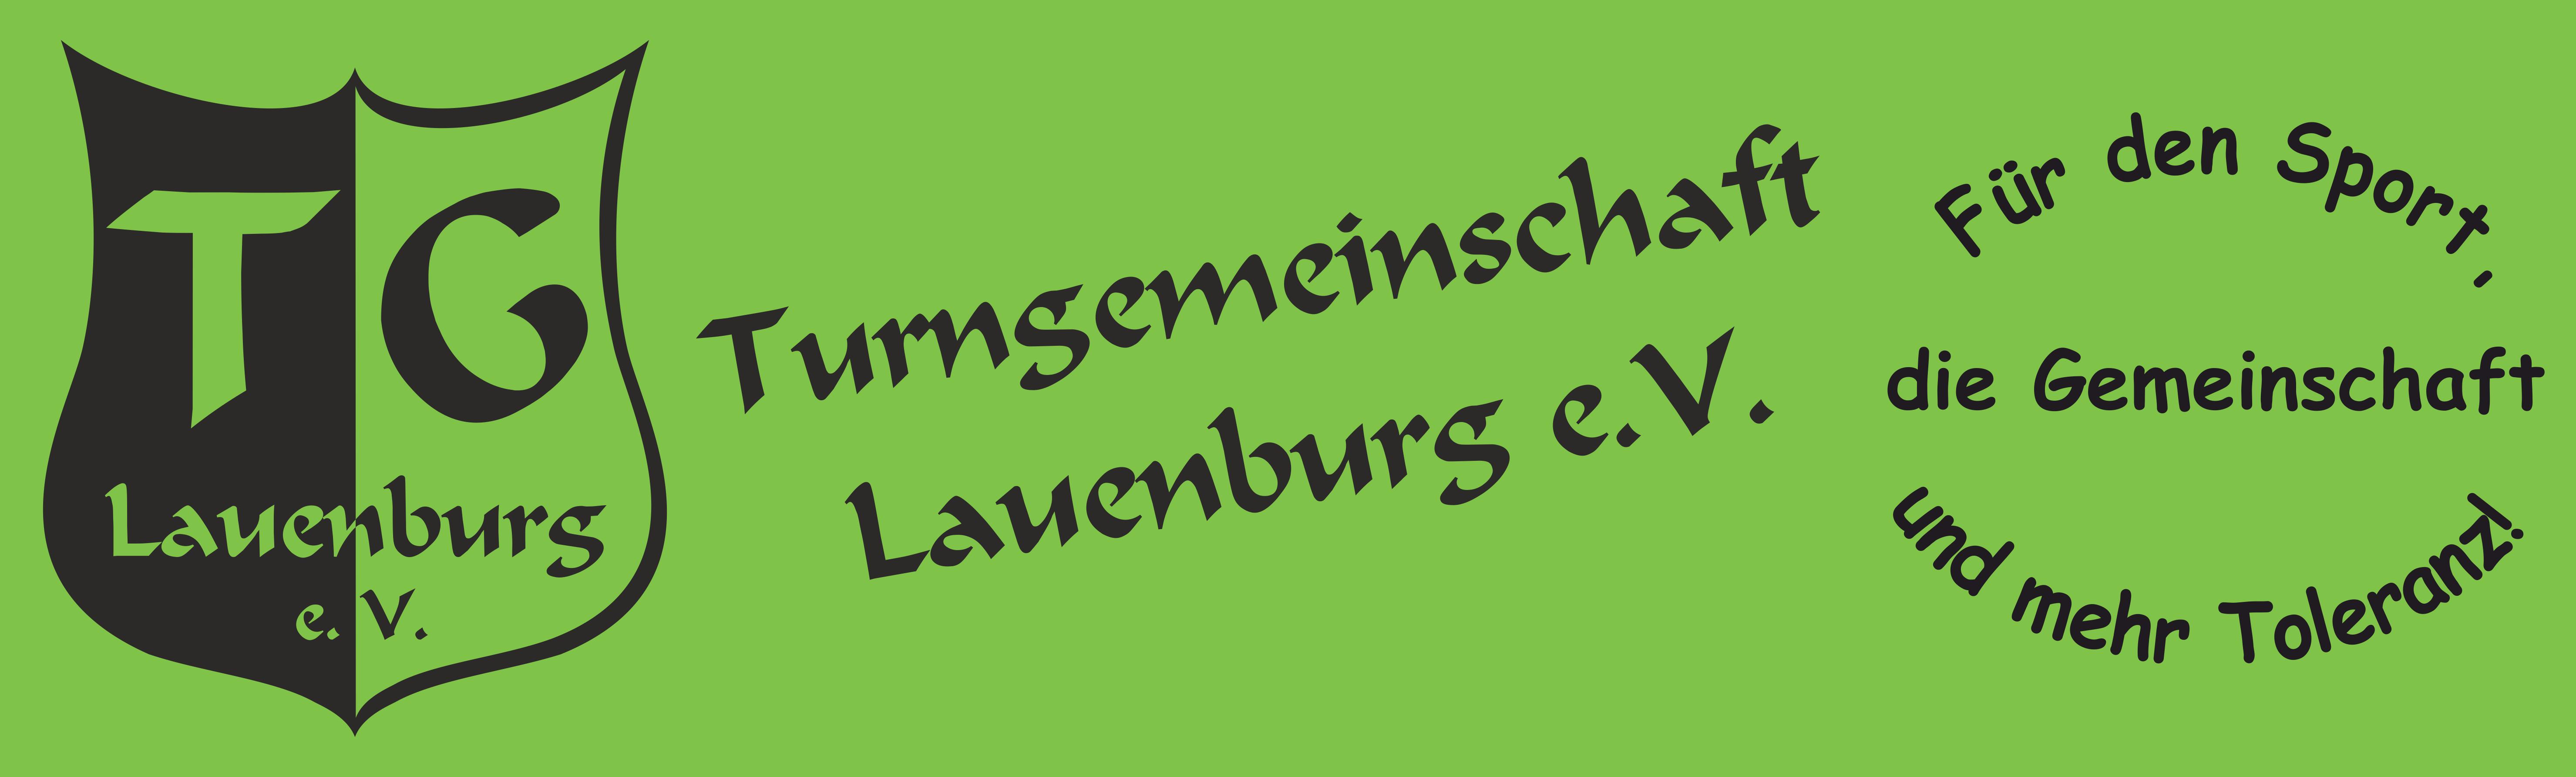 TG-Lauenburg